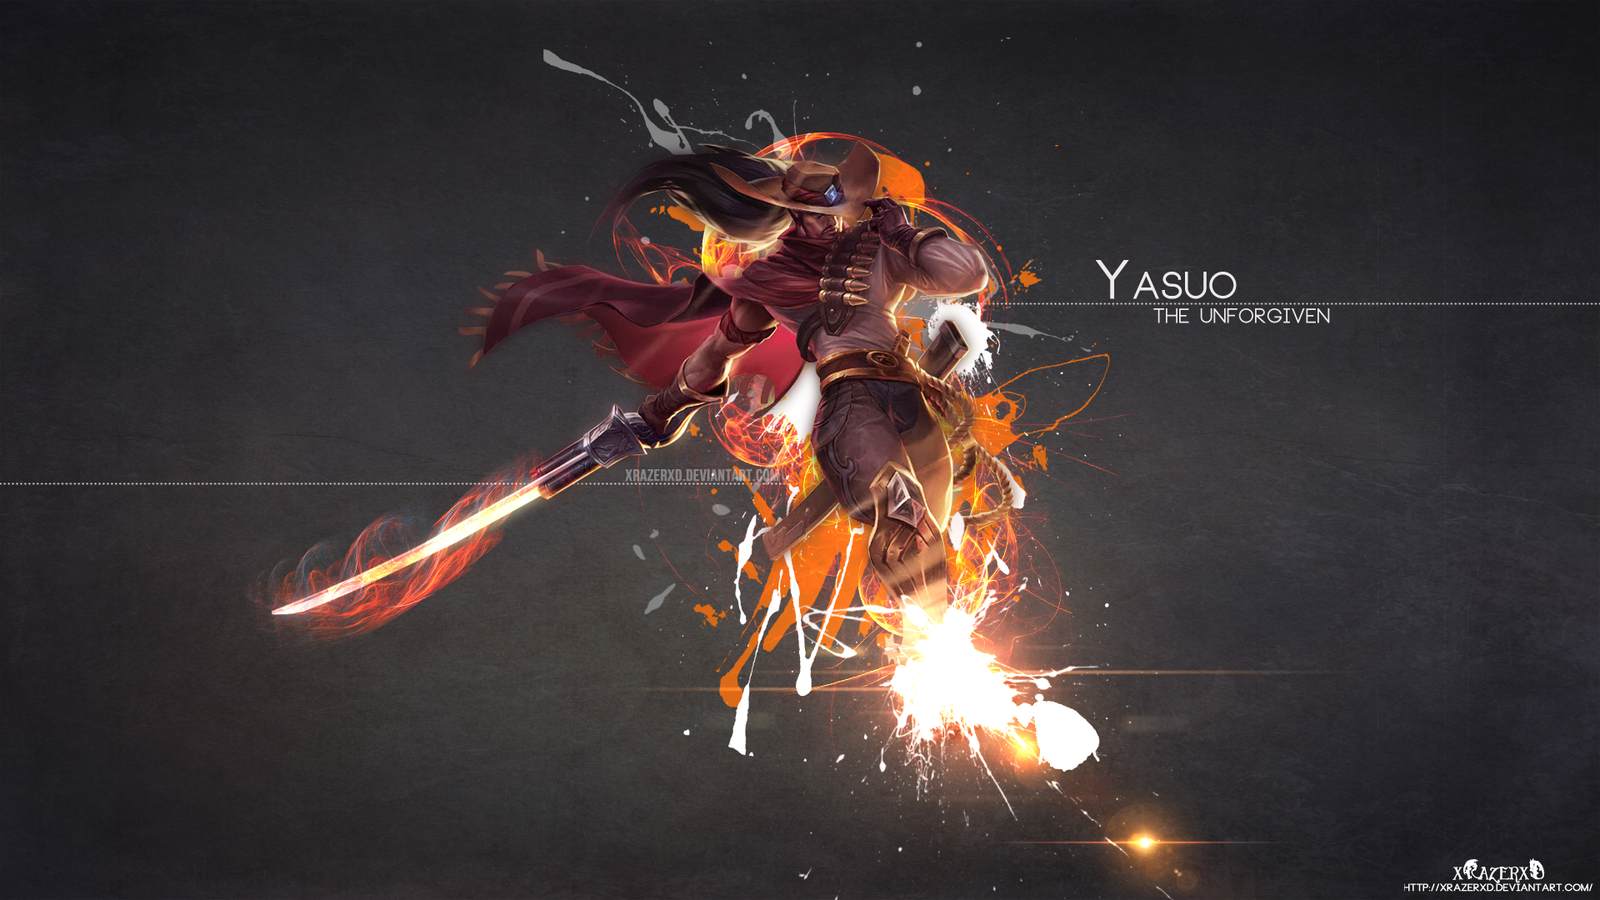 lol highnoon yasuo wallpaper hd by xrazerxd fan art wallpaper games 1600x900